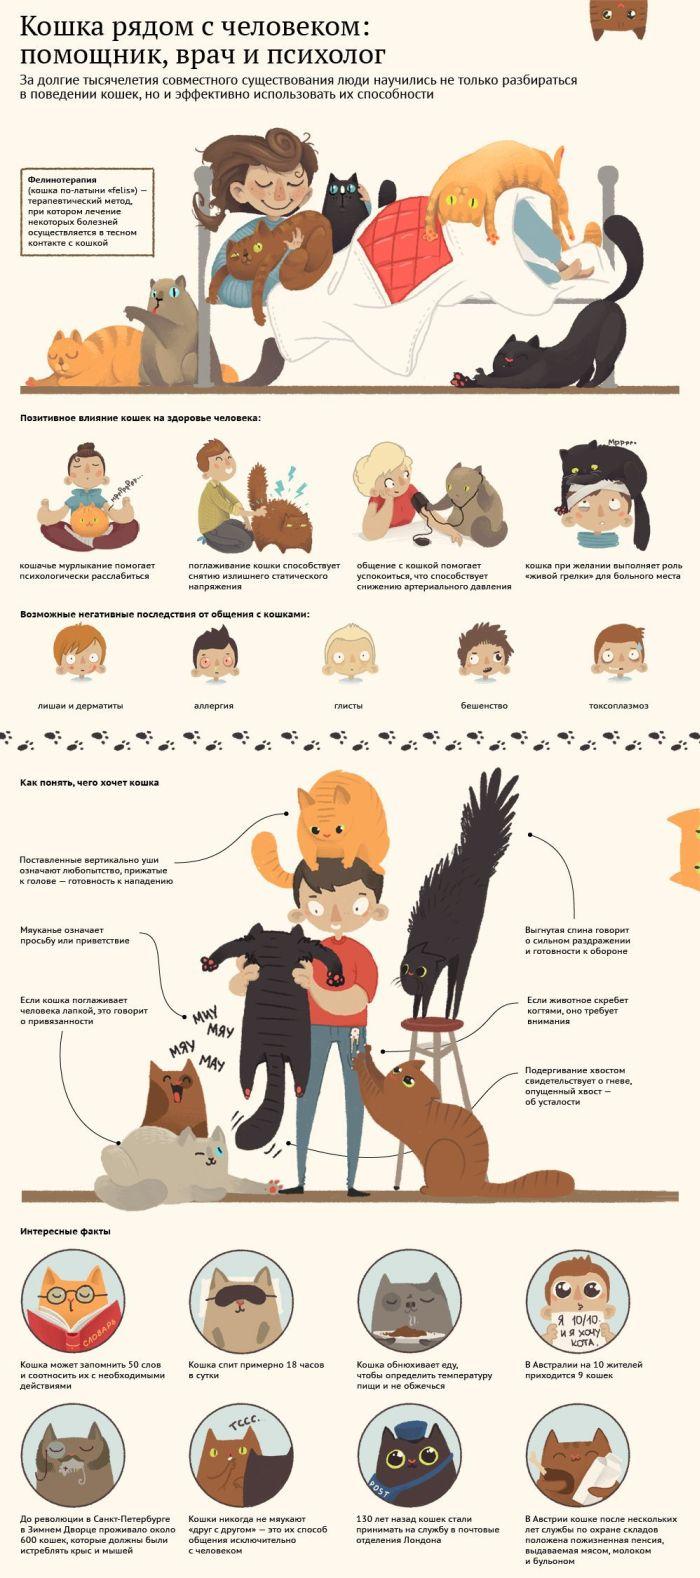 Коты и кошки в жизни человека